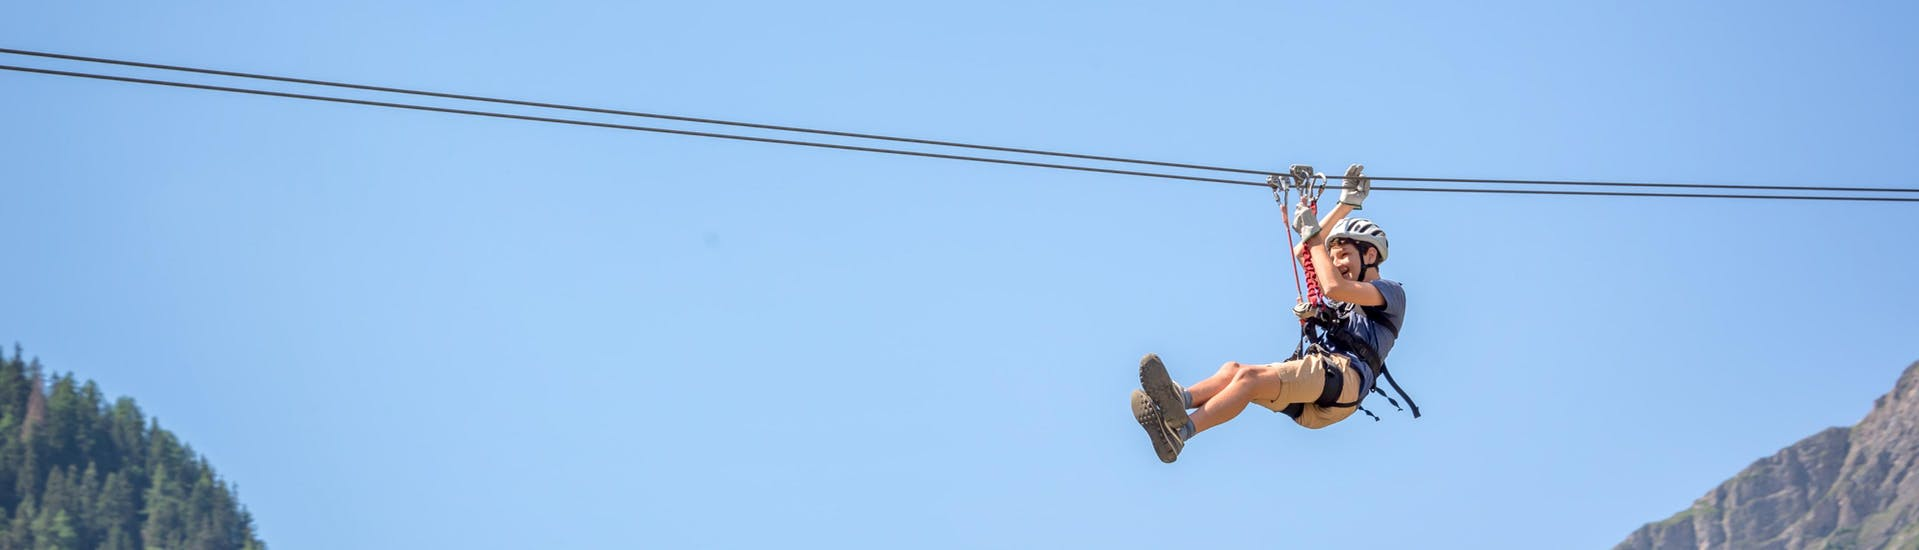 Un giovane uomo in volo sospeso da una zipline nell'hotspot di zipline presso Ardèche.